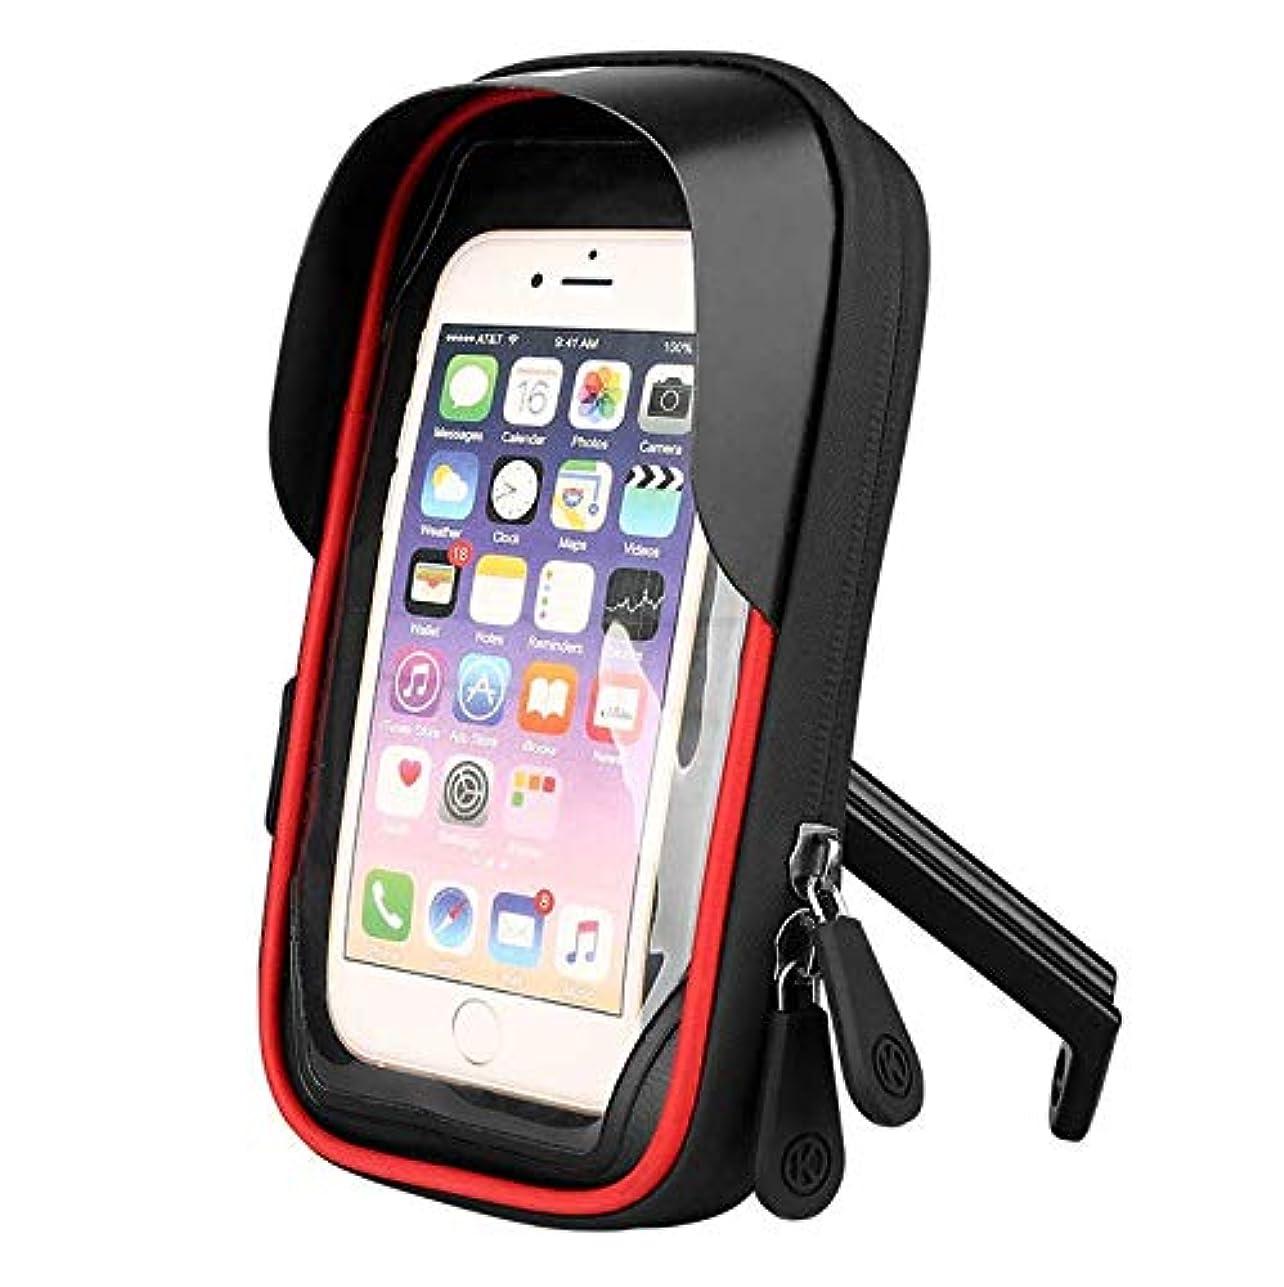 側面彼らのものあいまいオートバイ バイク スマートフォン ホルダー 防水ホルダー6.4インチスマホ対応 振れ止め 脱落防止 GPSナビ 携帯 固定用 マウント スタンド 防水 に適用 iPhone X XS 8 7 6 6S Plus/HUWEI Mate P20 ...